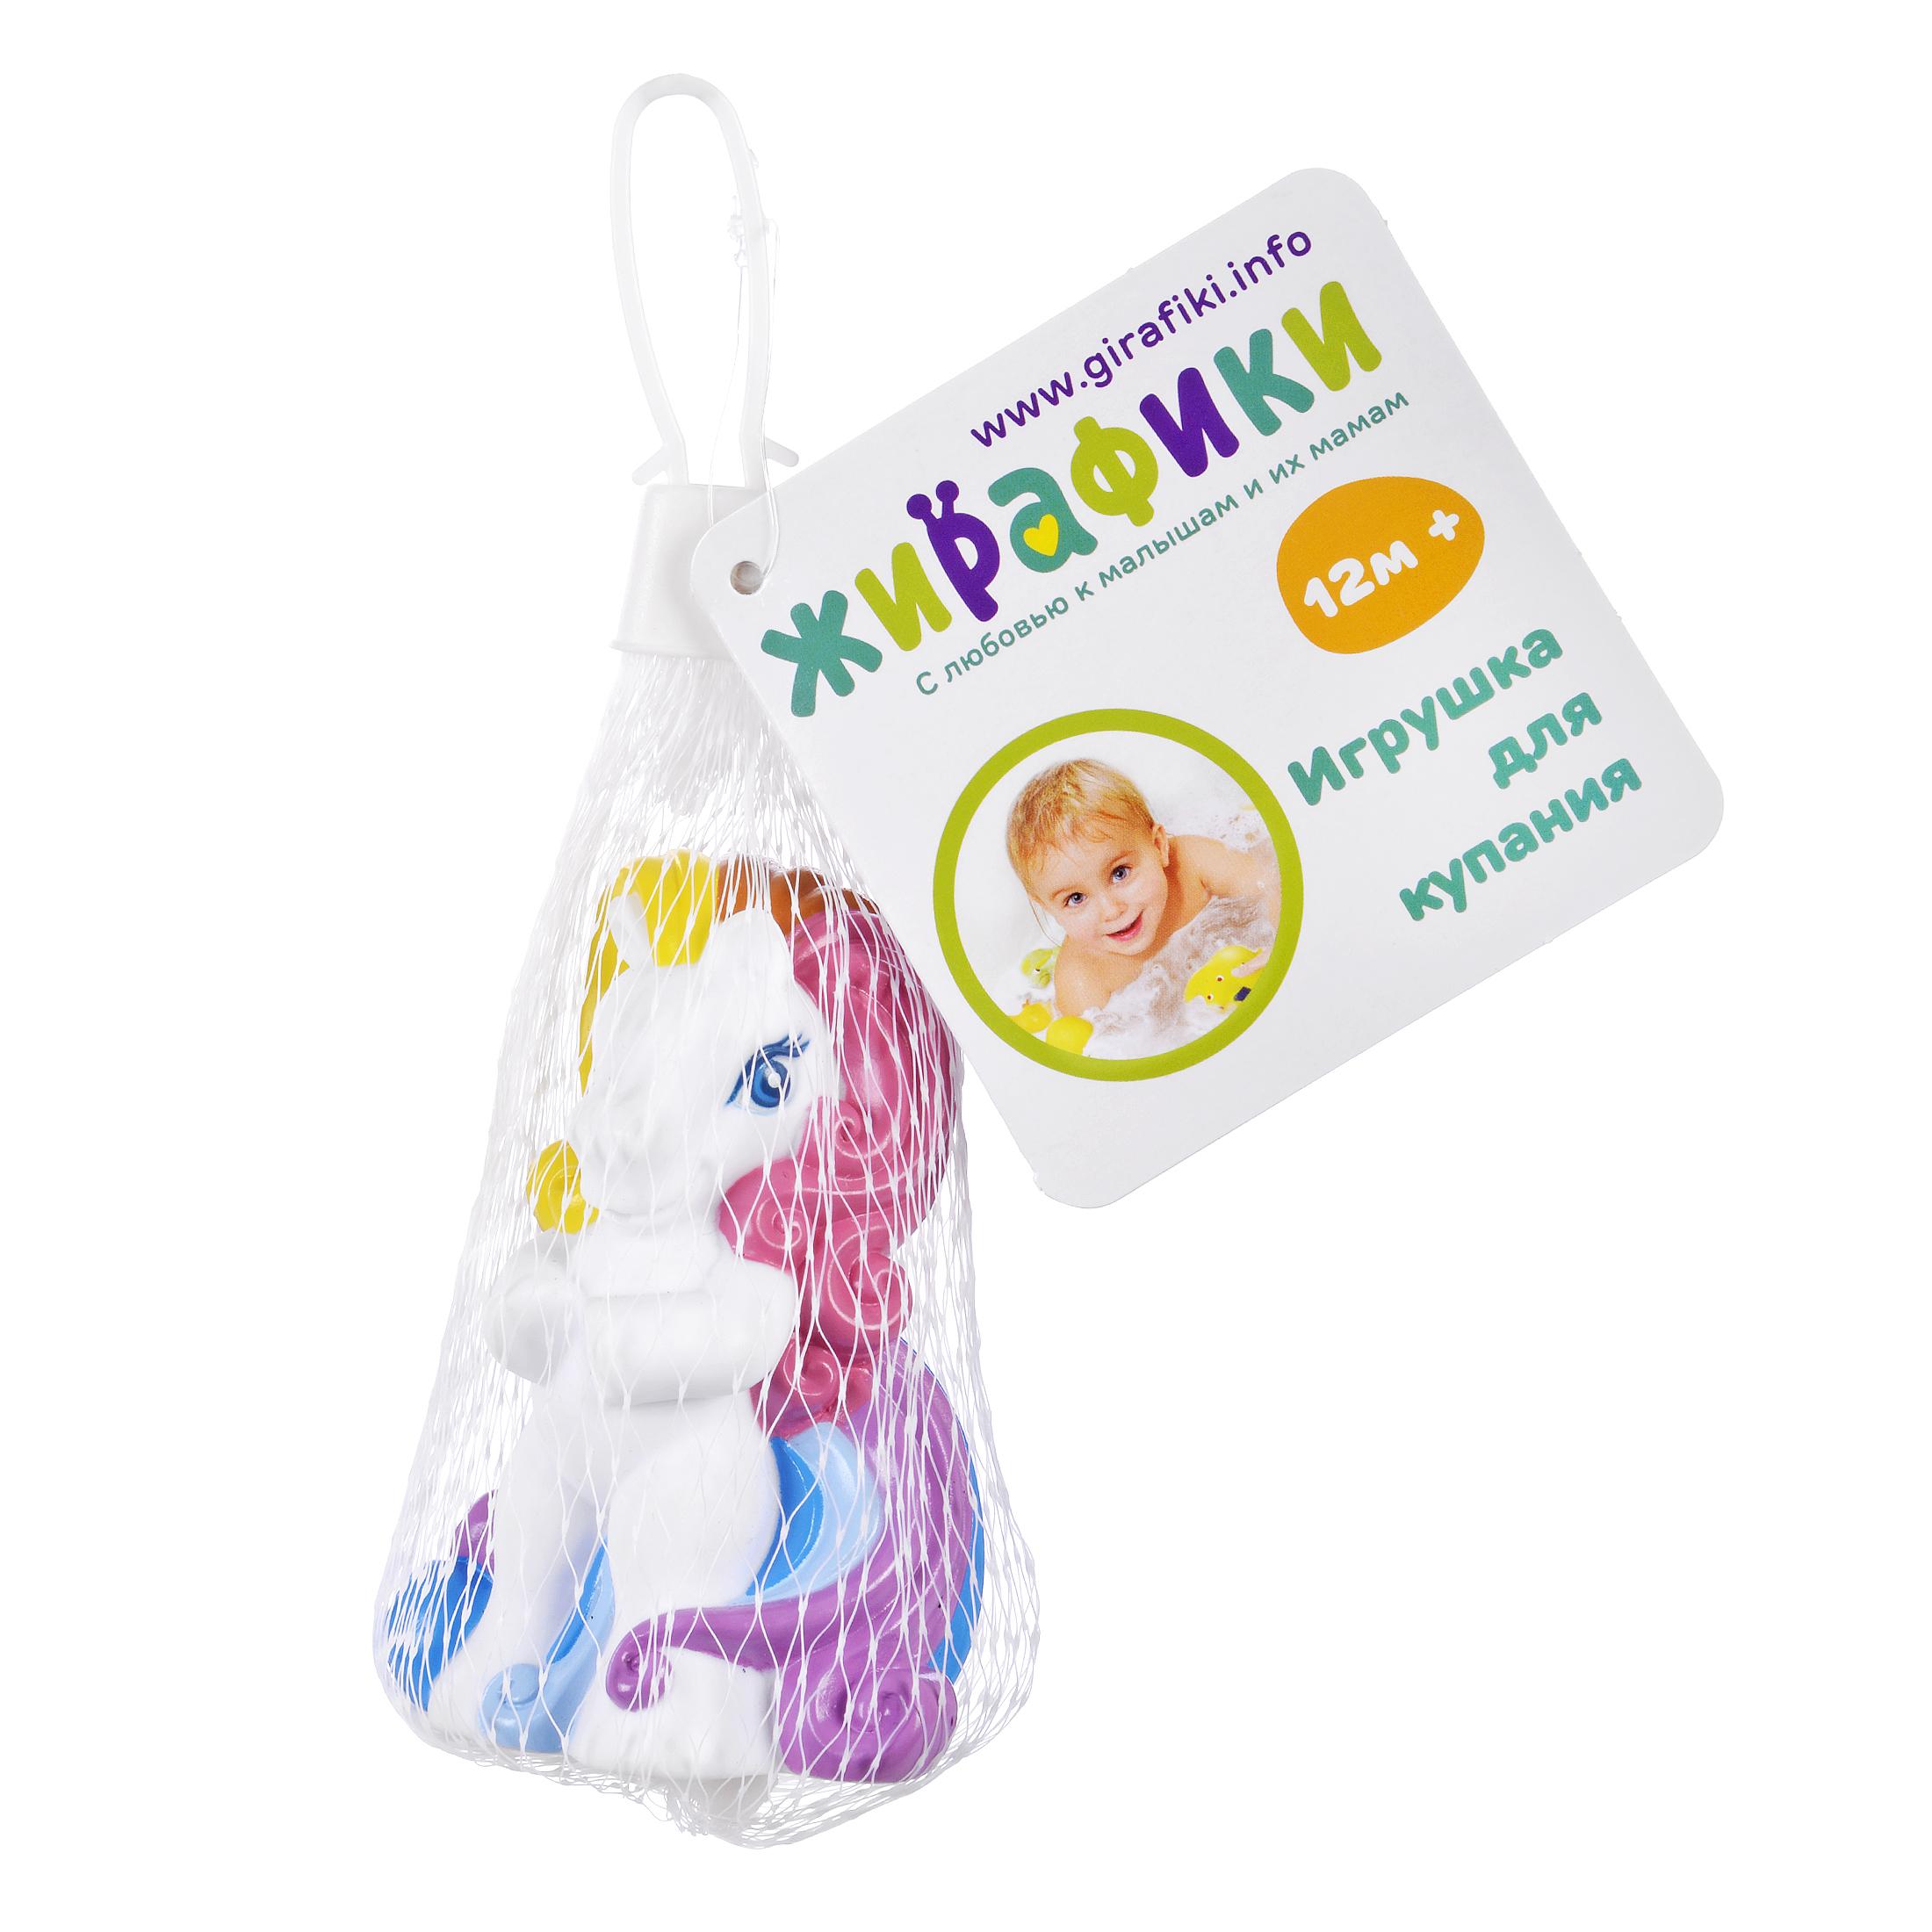 Игрушки для ванны Жирафики Игрушка для ванны Жирафики «Волшебная лошадка» игрушки для ванны воронежская игрушка игрушка для ванны снежный барс 13 см